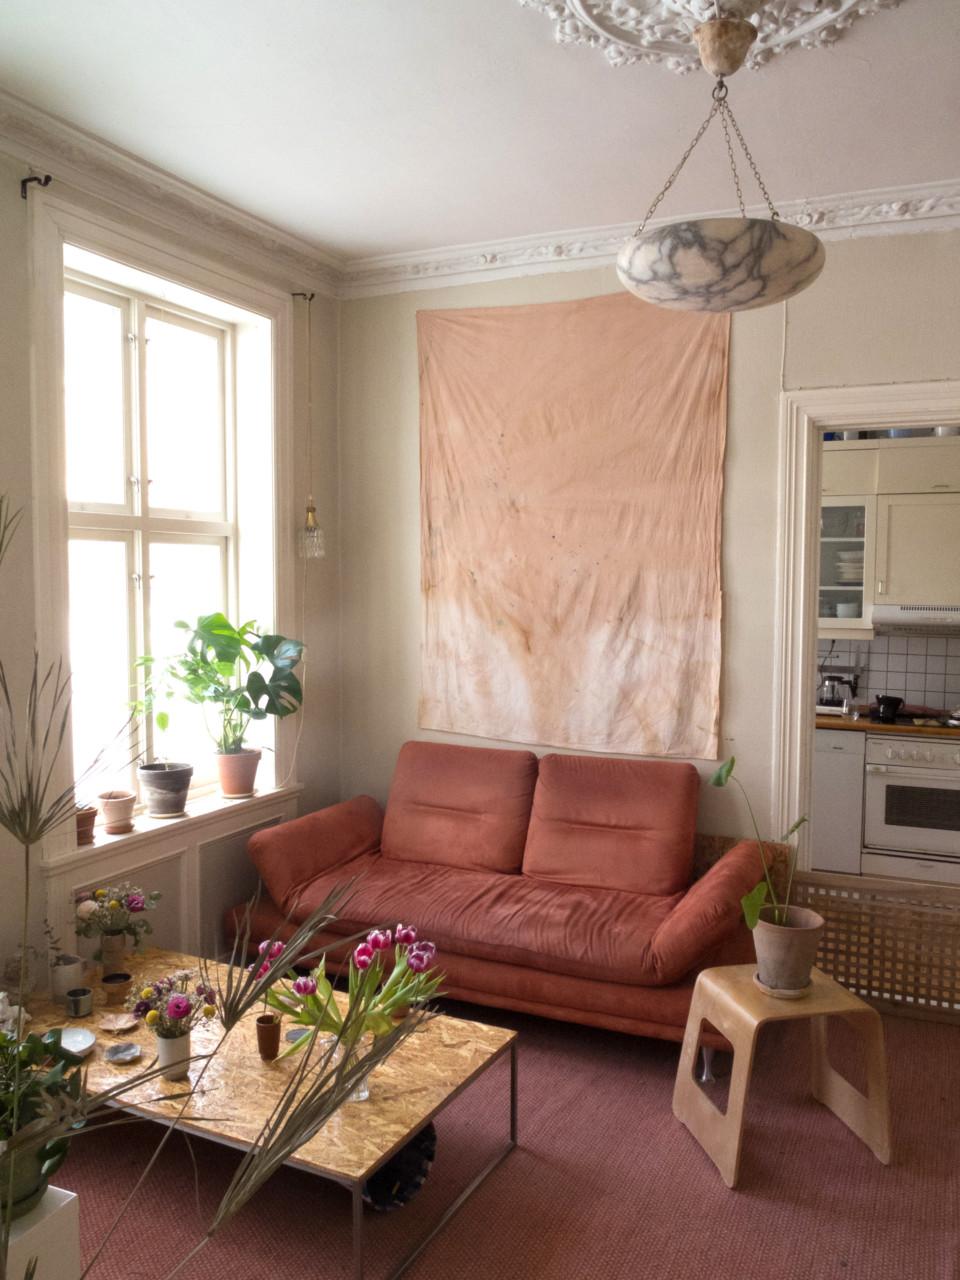 stue-secondhand-loppis-gjeste-innlegg-green-house